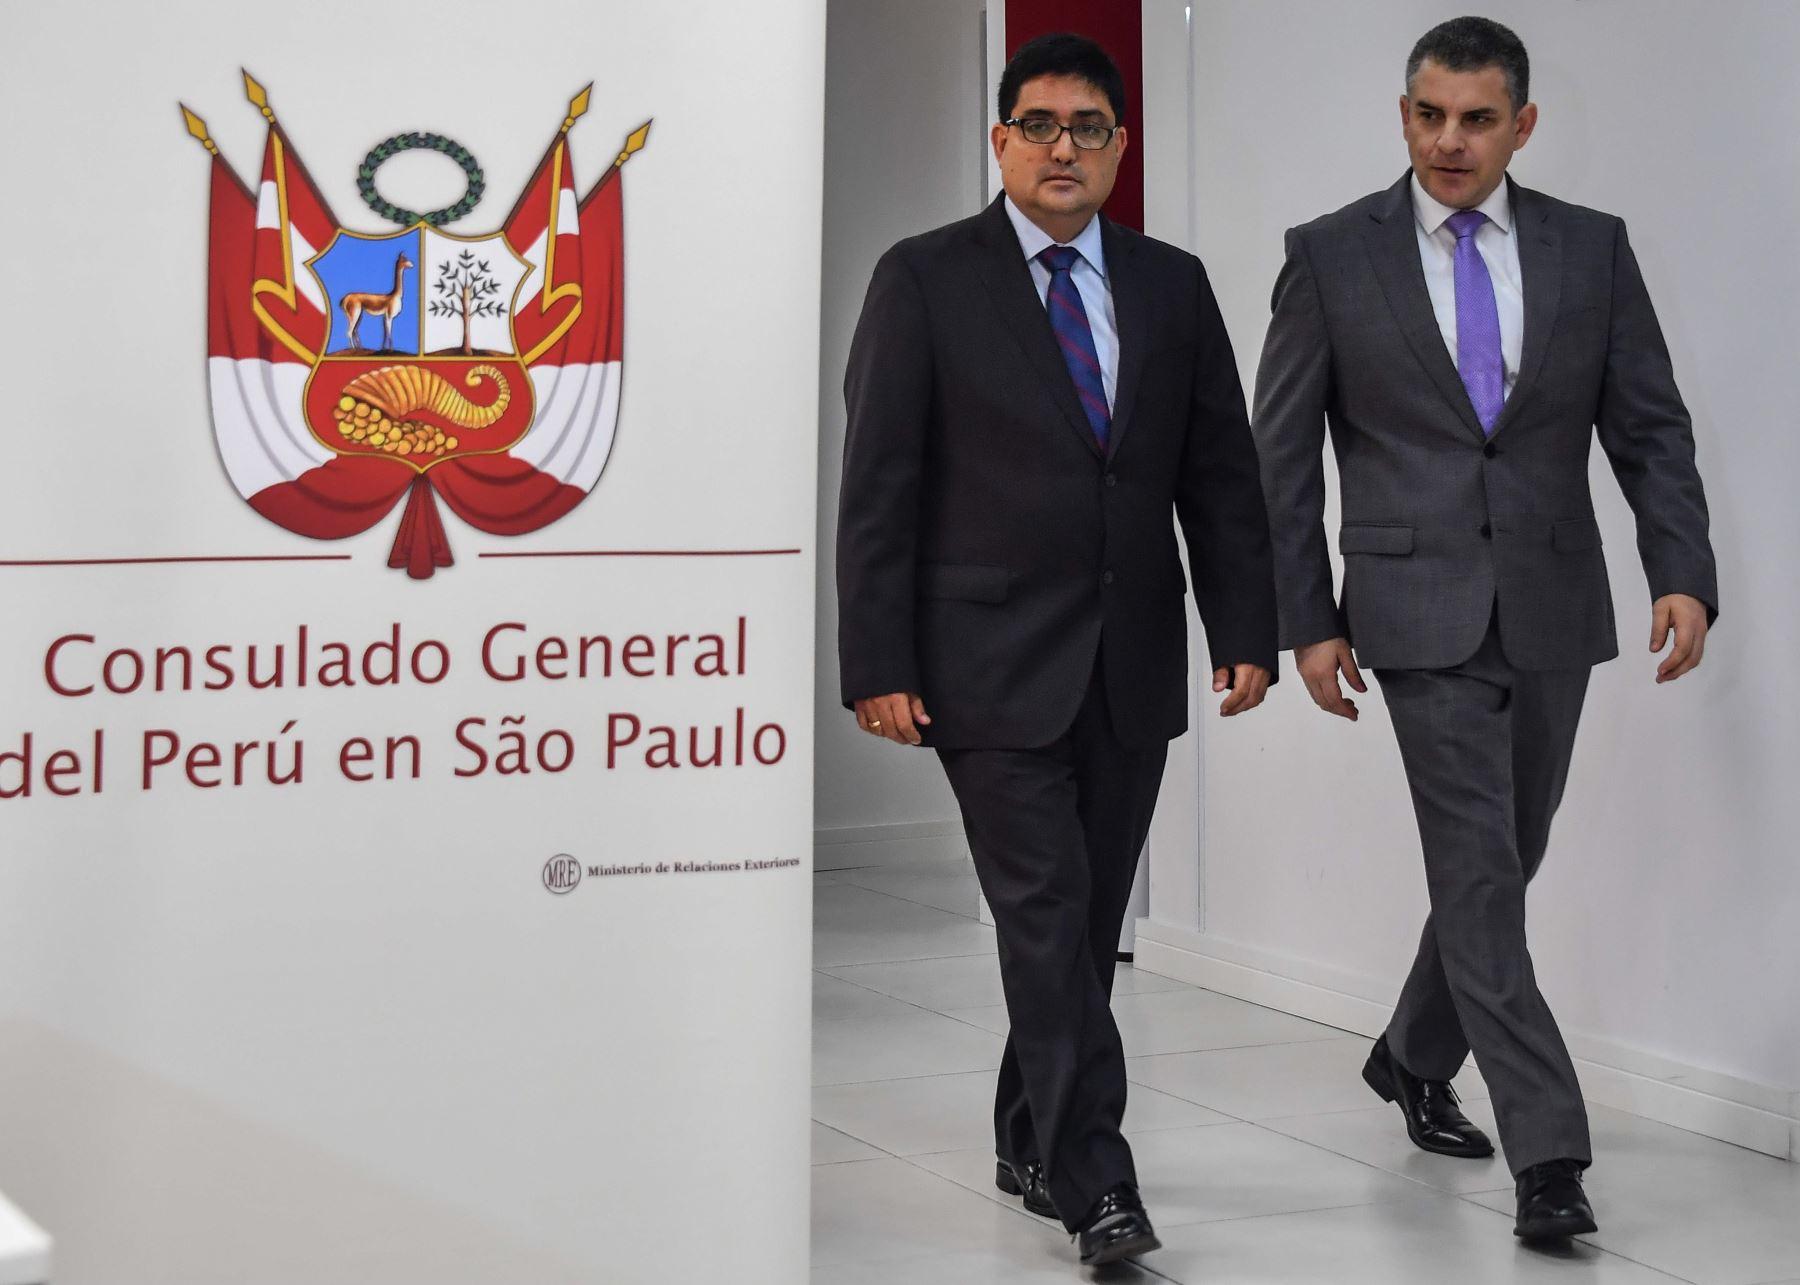 Poder Judicial homologó acuerdo de colaboración eficaz con empresa Odebrecht según IDL- Reporteros (Diario El Regional Piura)